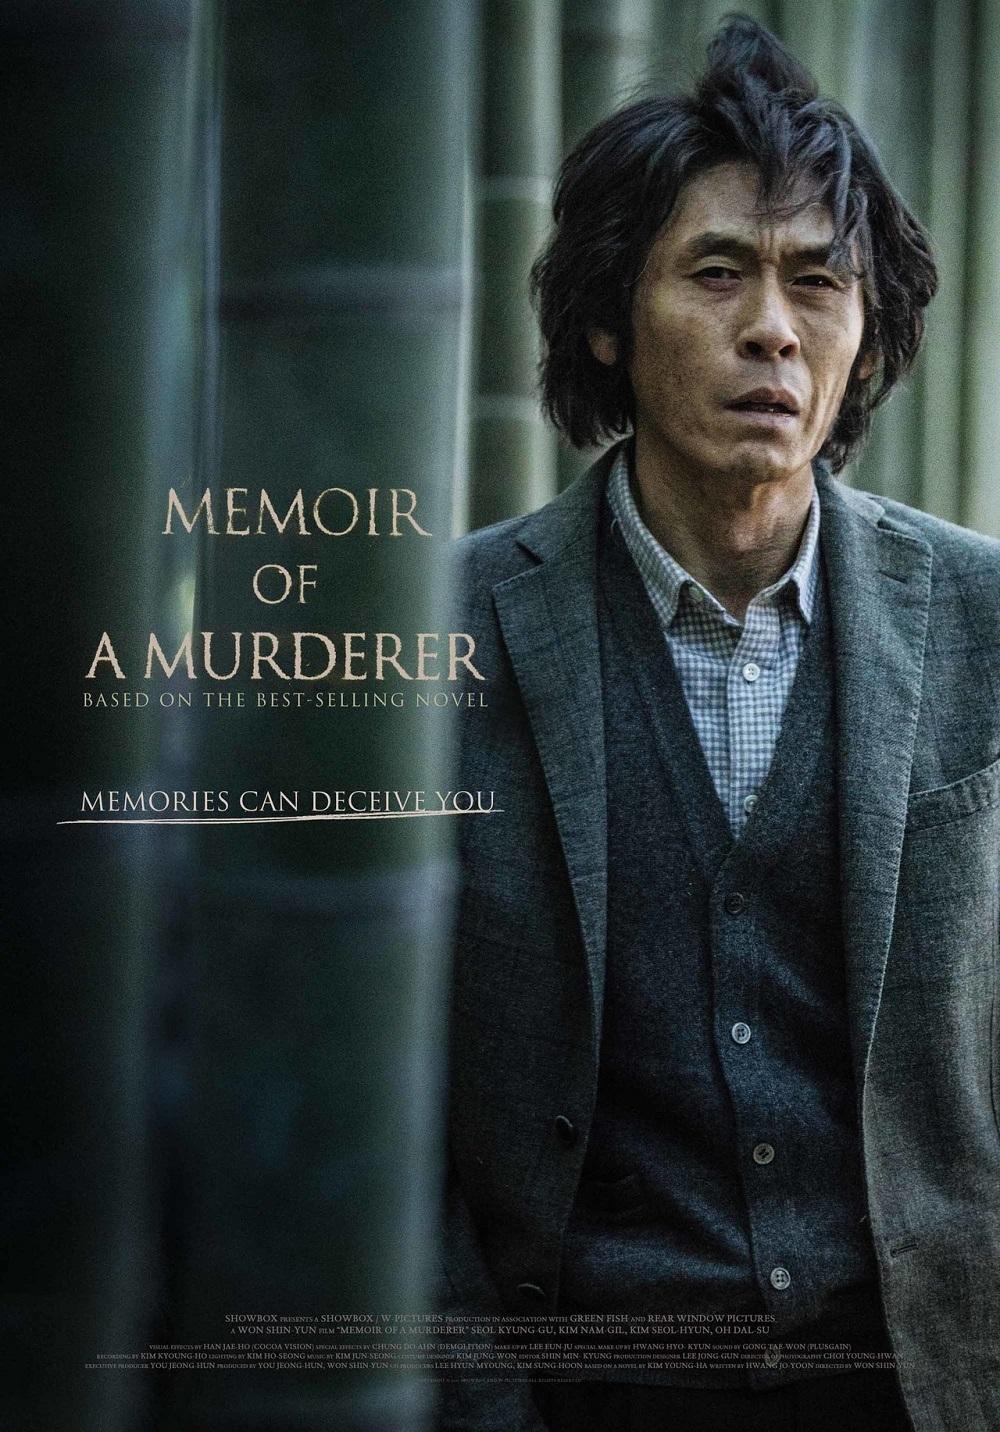 Memoir of a Murderer kapak